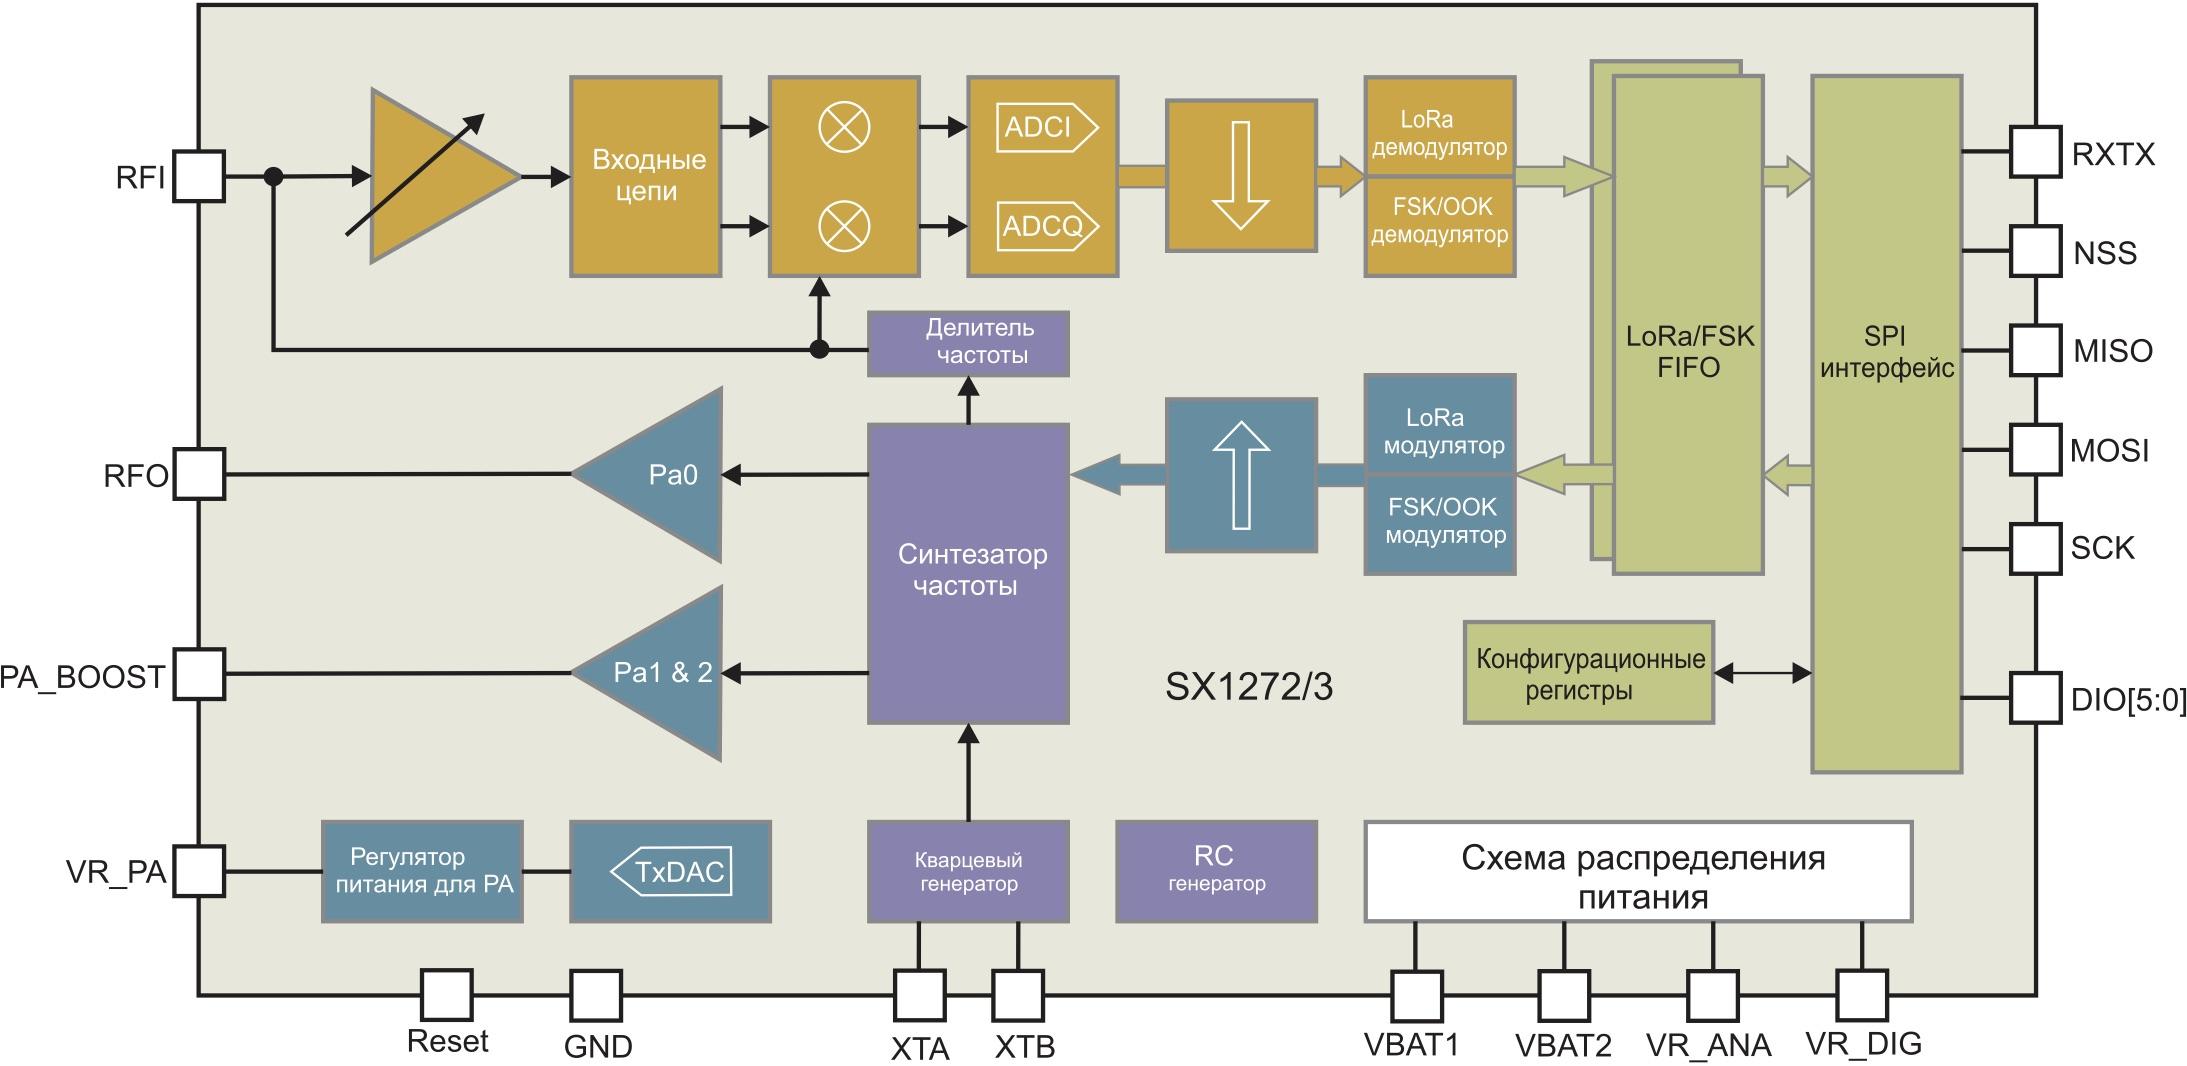 Упрощенная структура трансиверов SX1272/3 компании Semtech